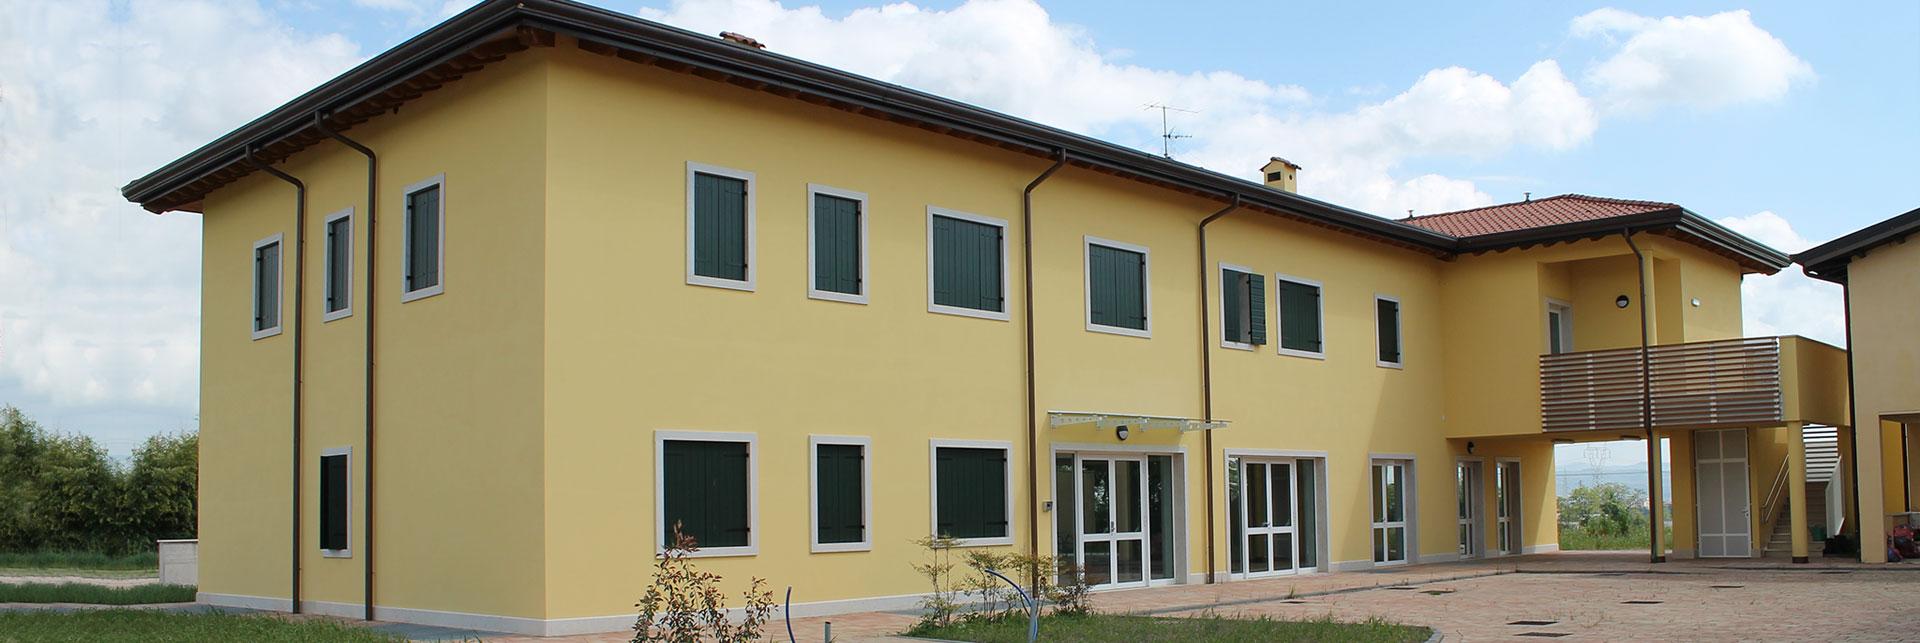 Costruzioni Tieni 1836 Srl | Centro Disabili Palazzolo di Sona